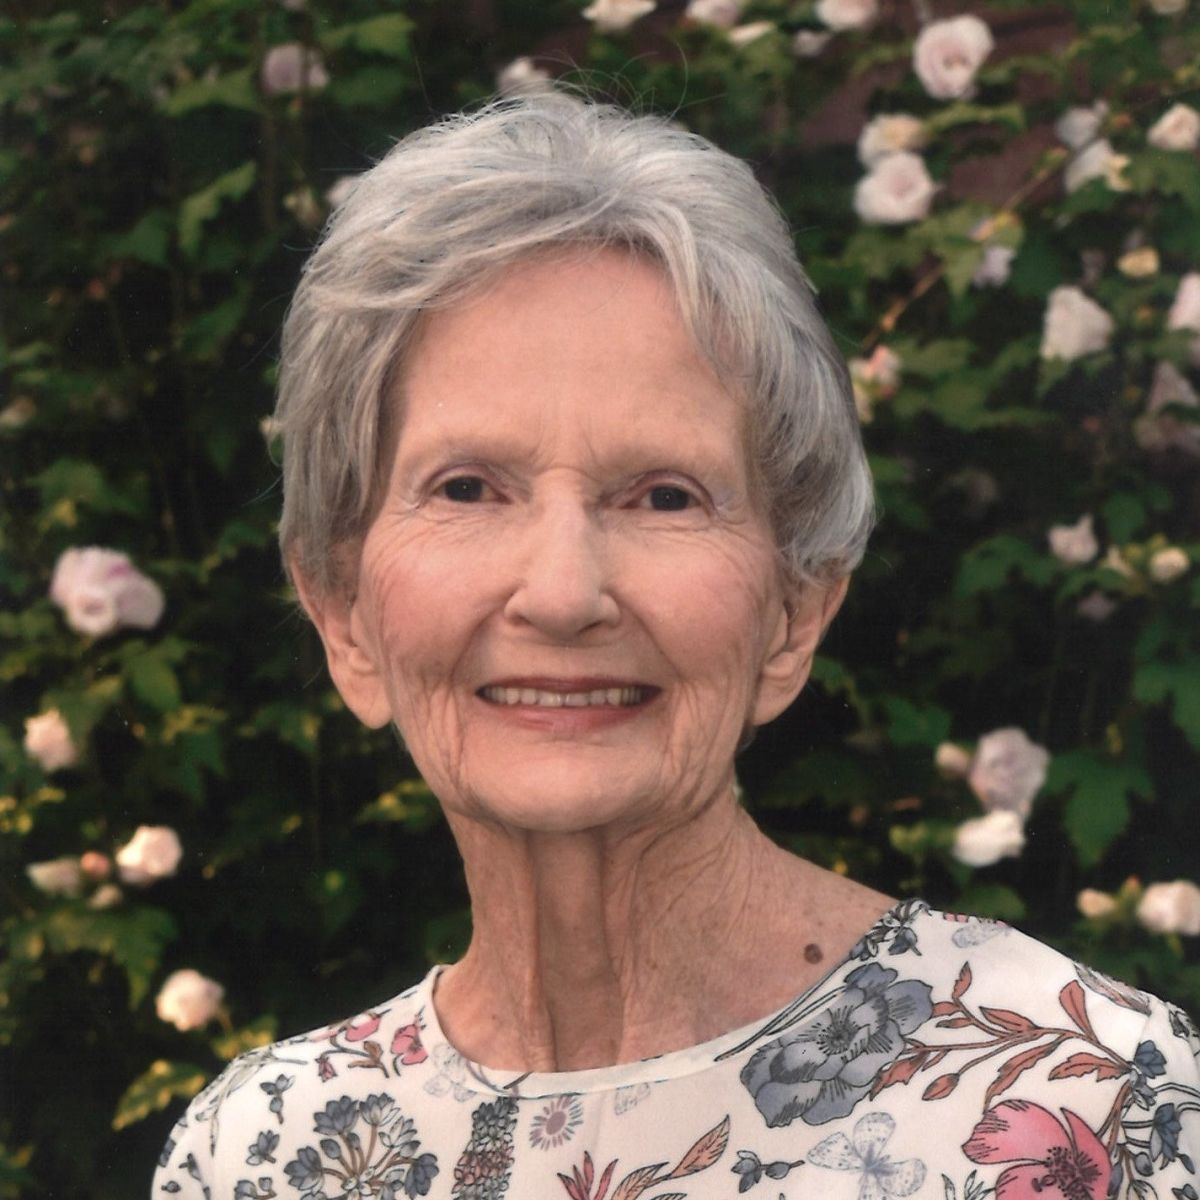 Maxine Nyland